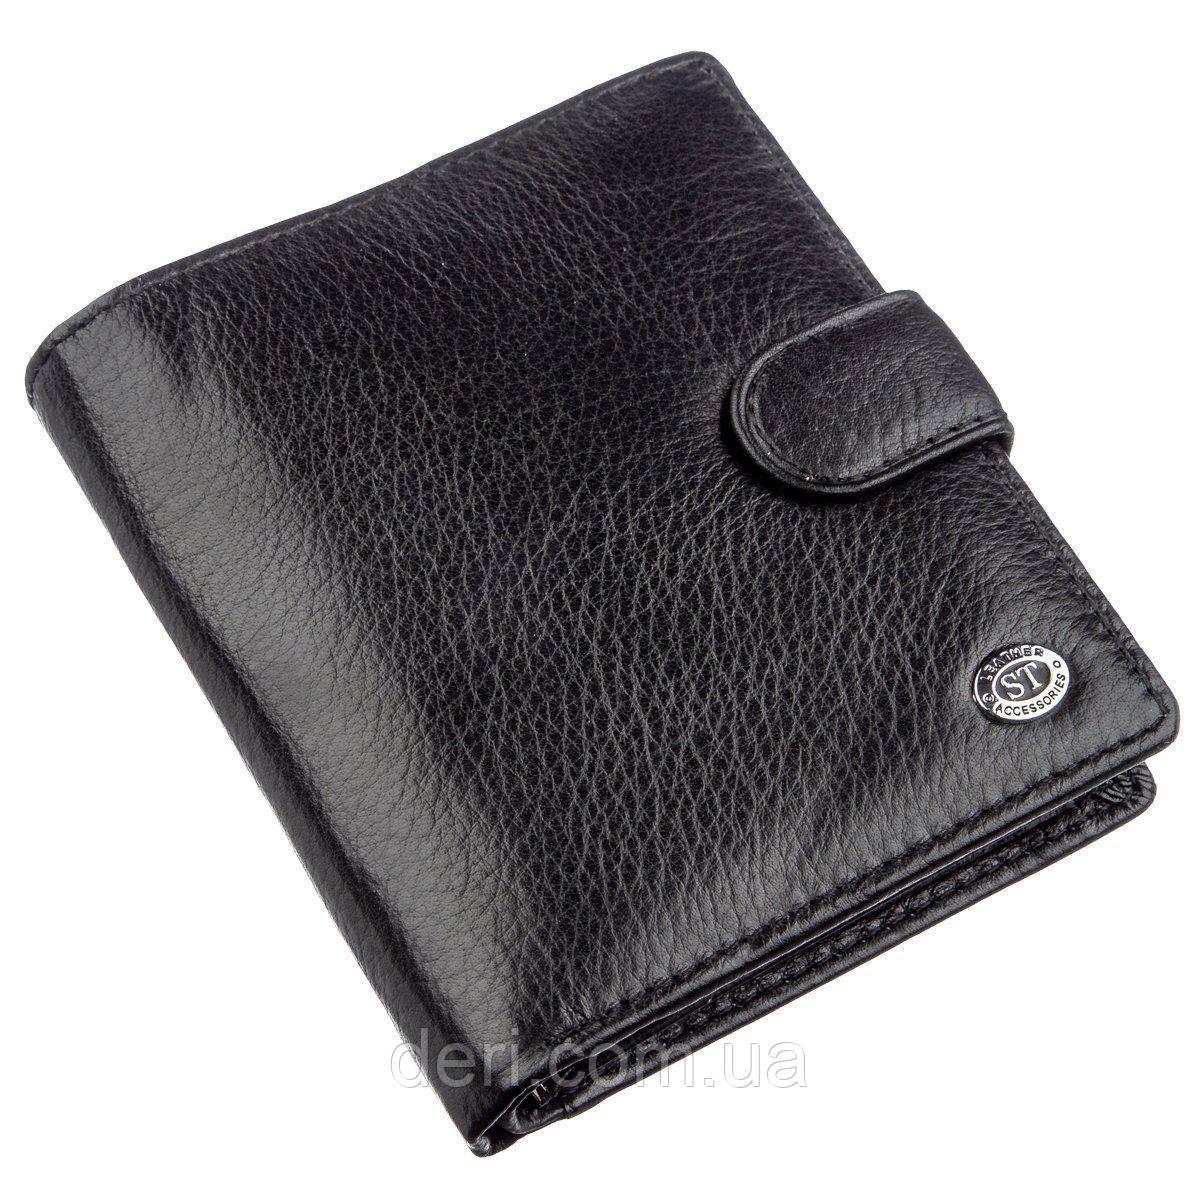 Небольшой кожаный кошелек для мужчин ST Leather Черный, Черный